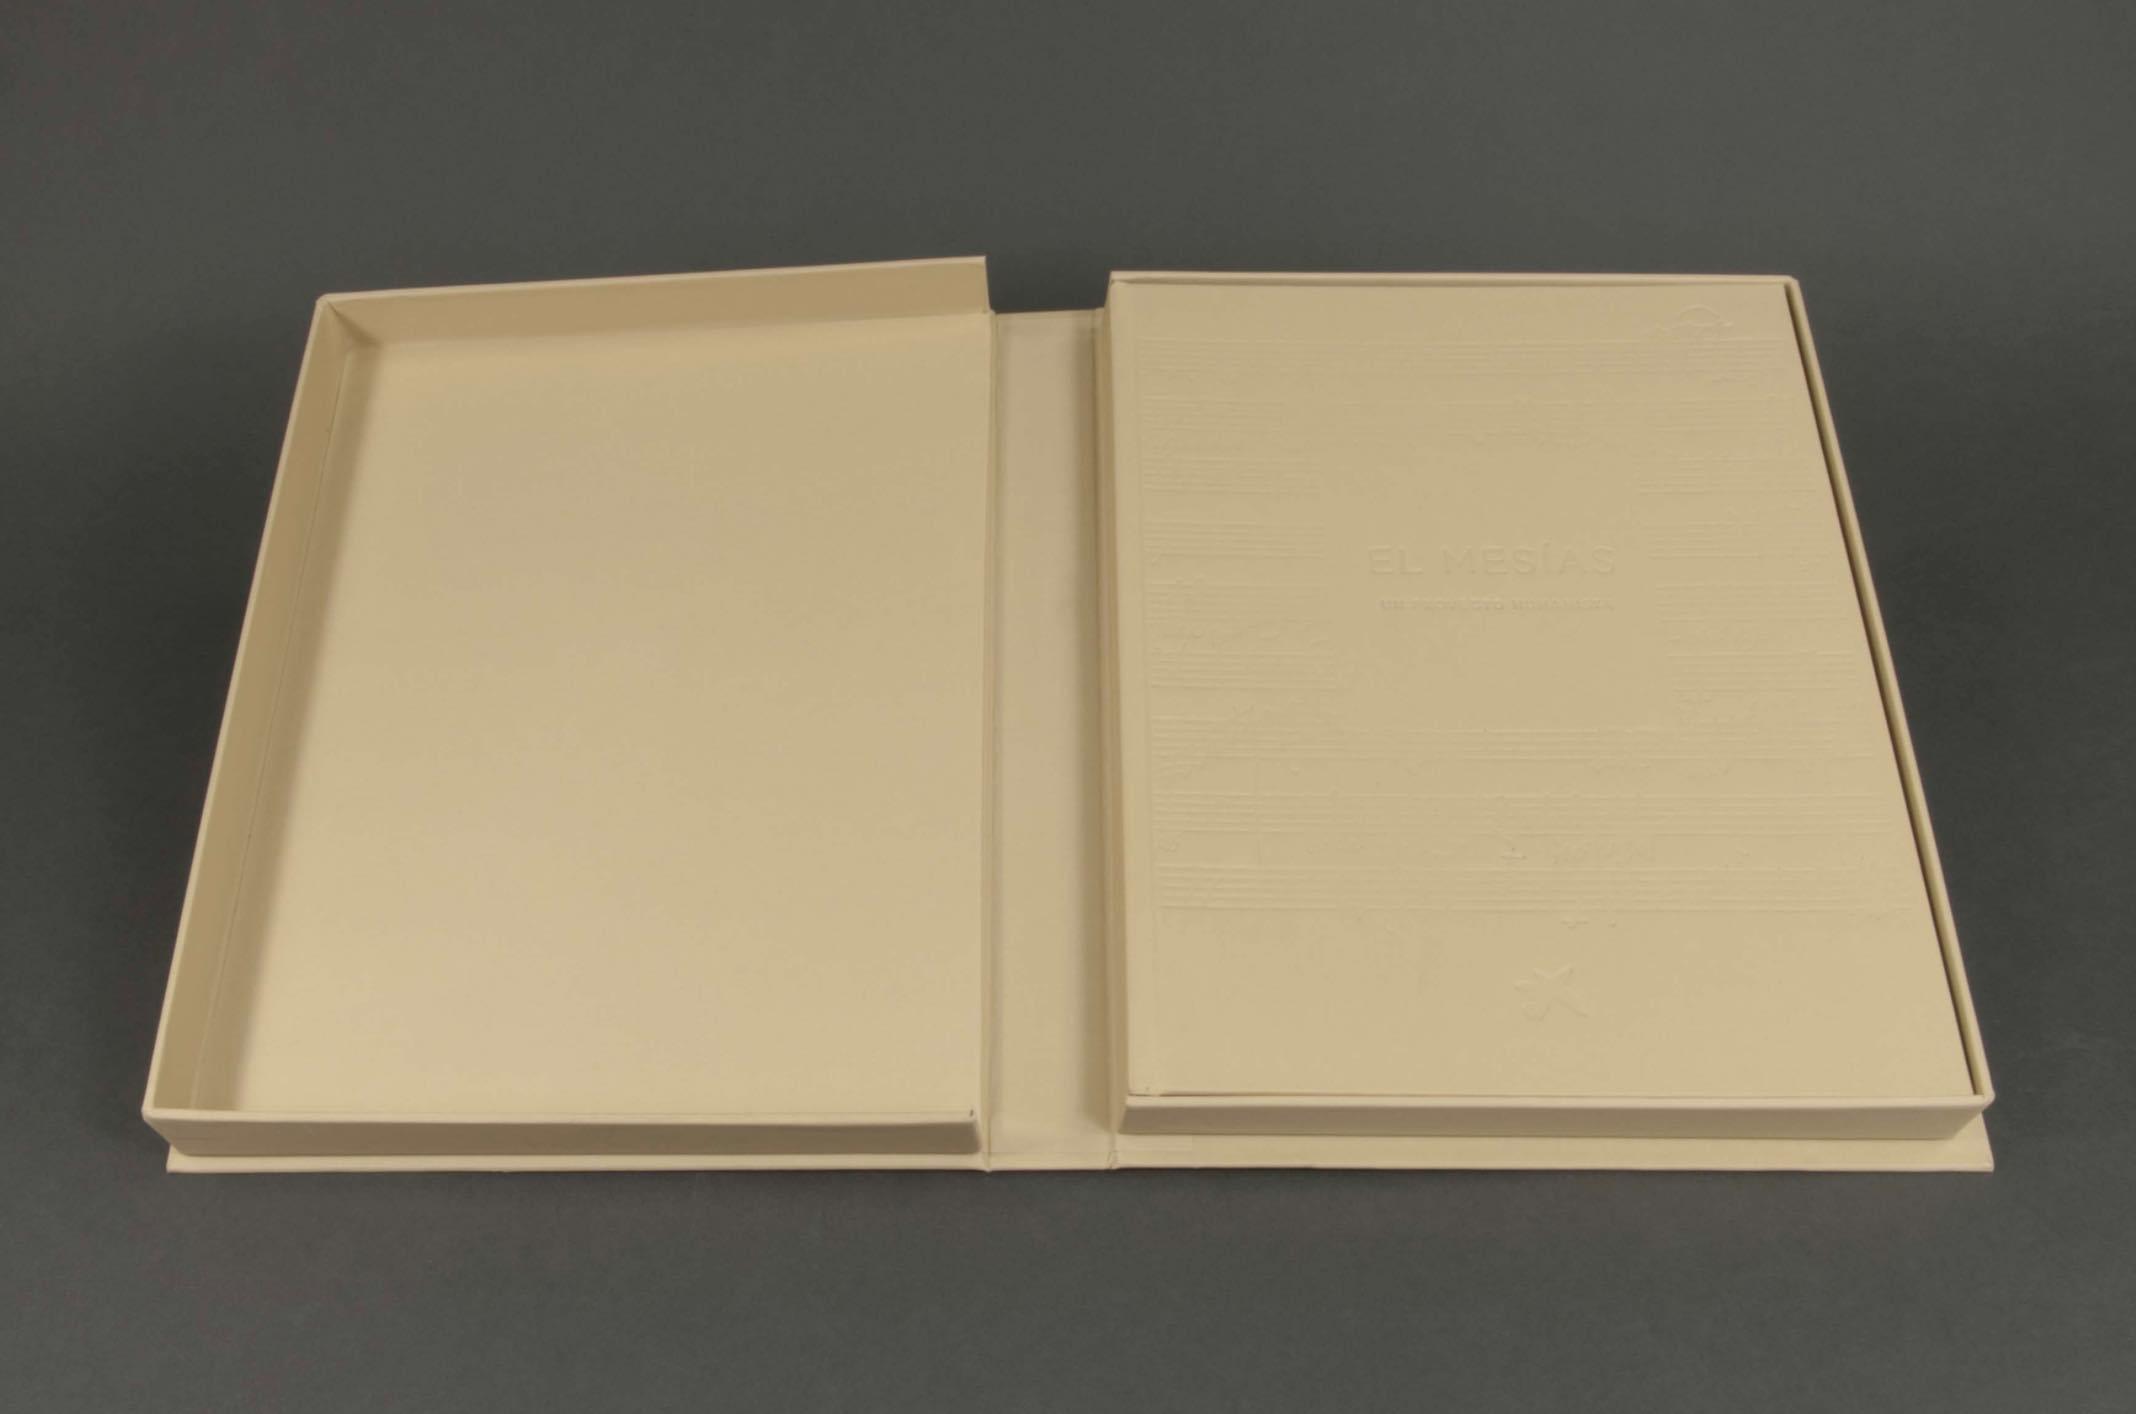 encuadernacion libro de arte